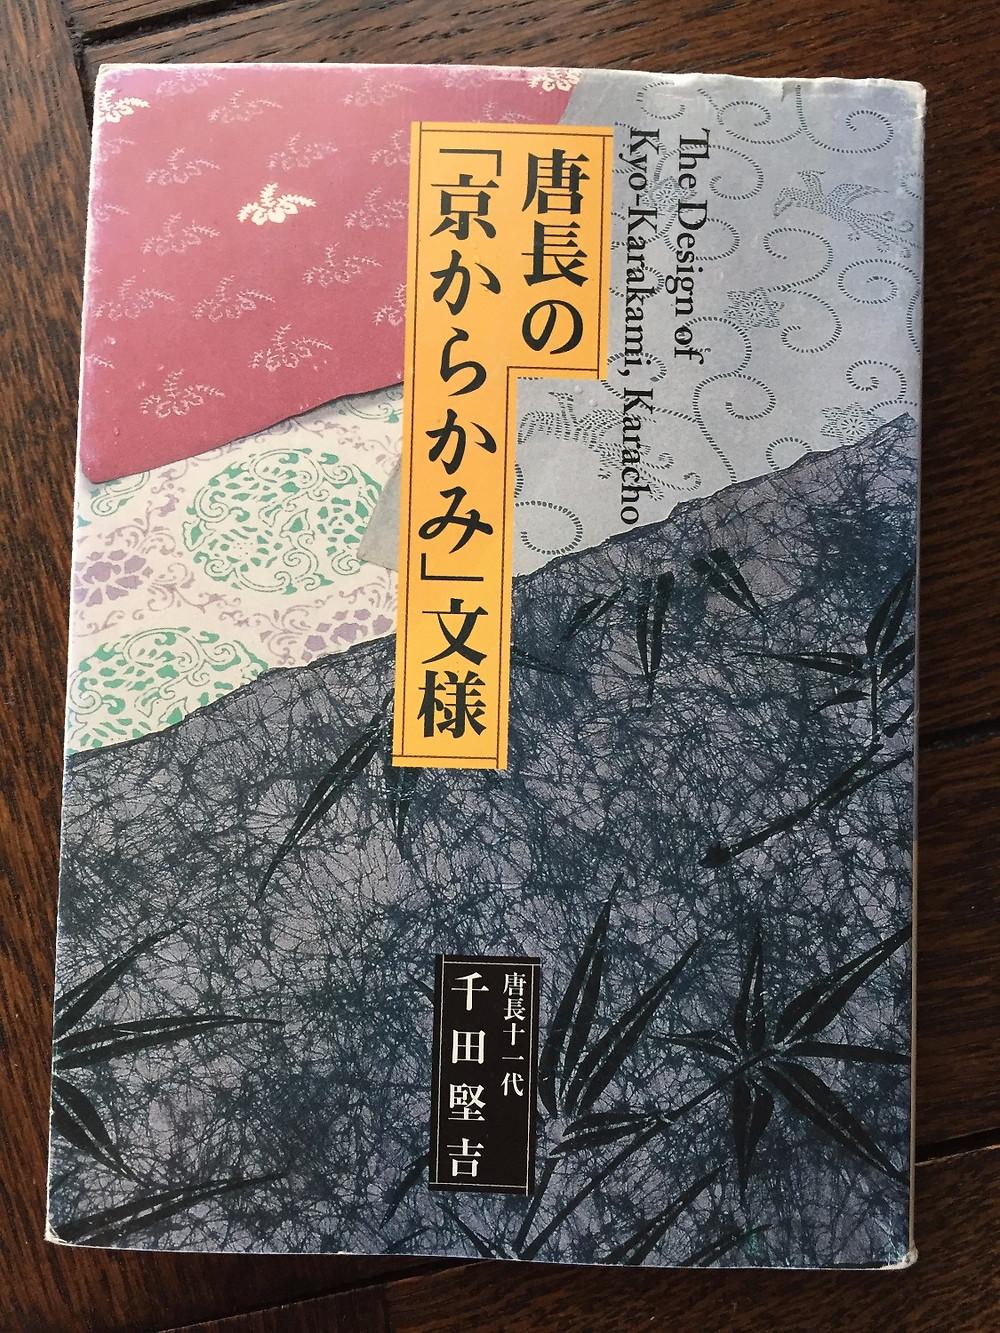 京からかみの文様を調べる。金継ぎのブログ